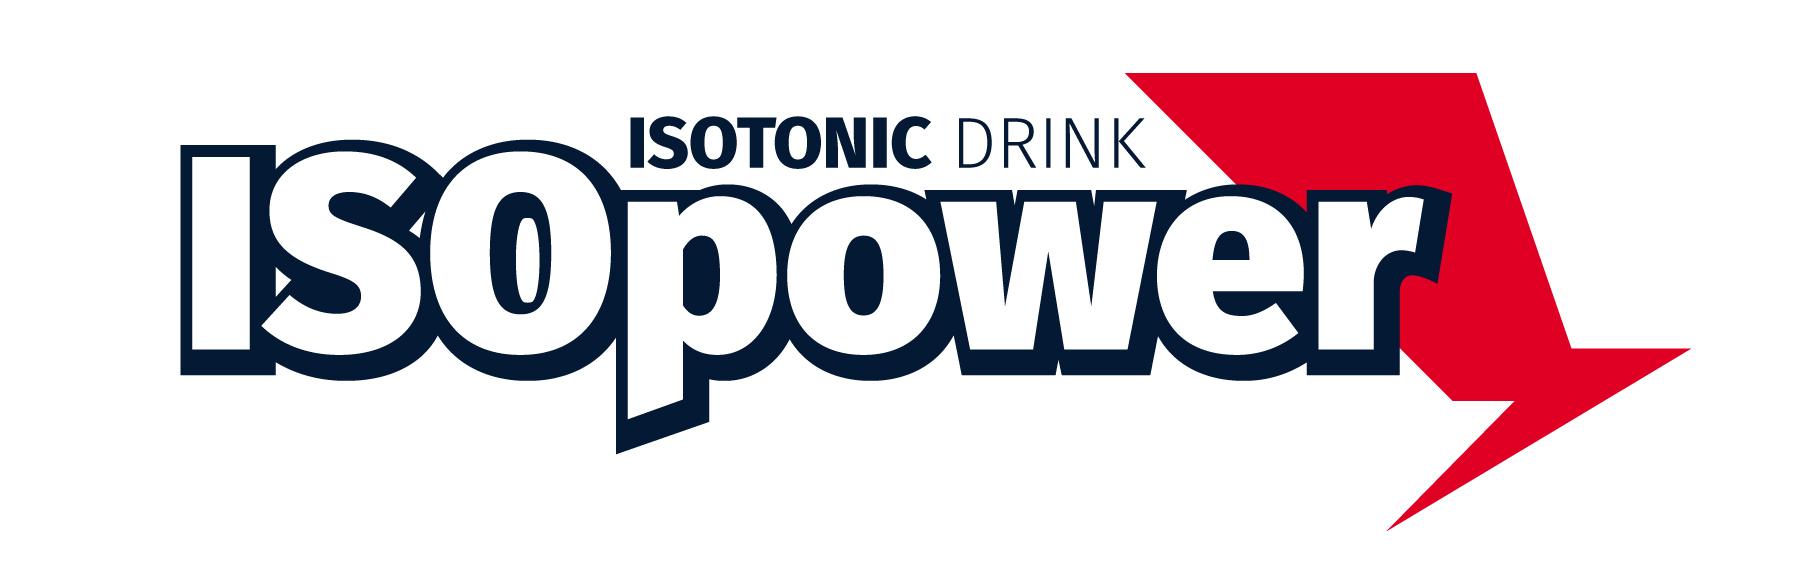 Търговска марка Isopower.